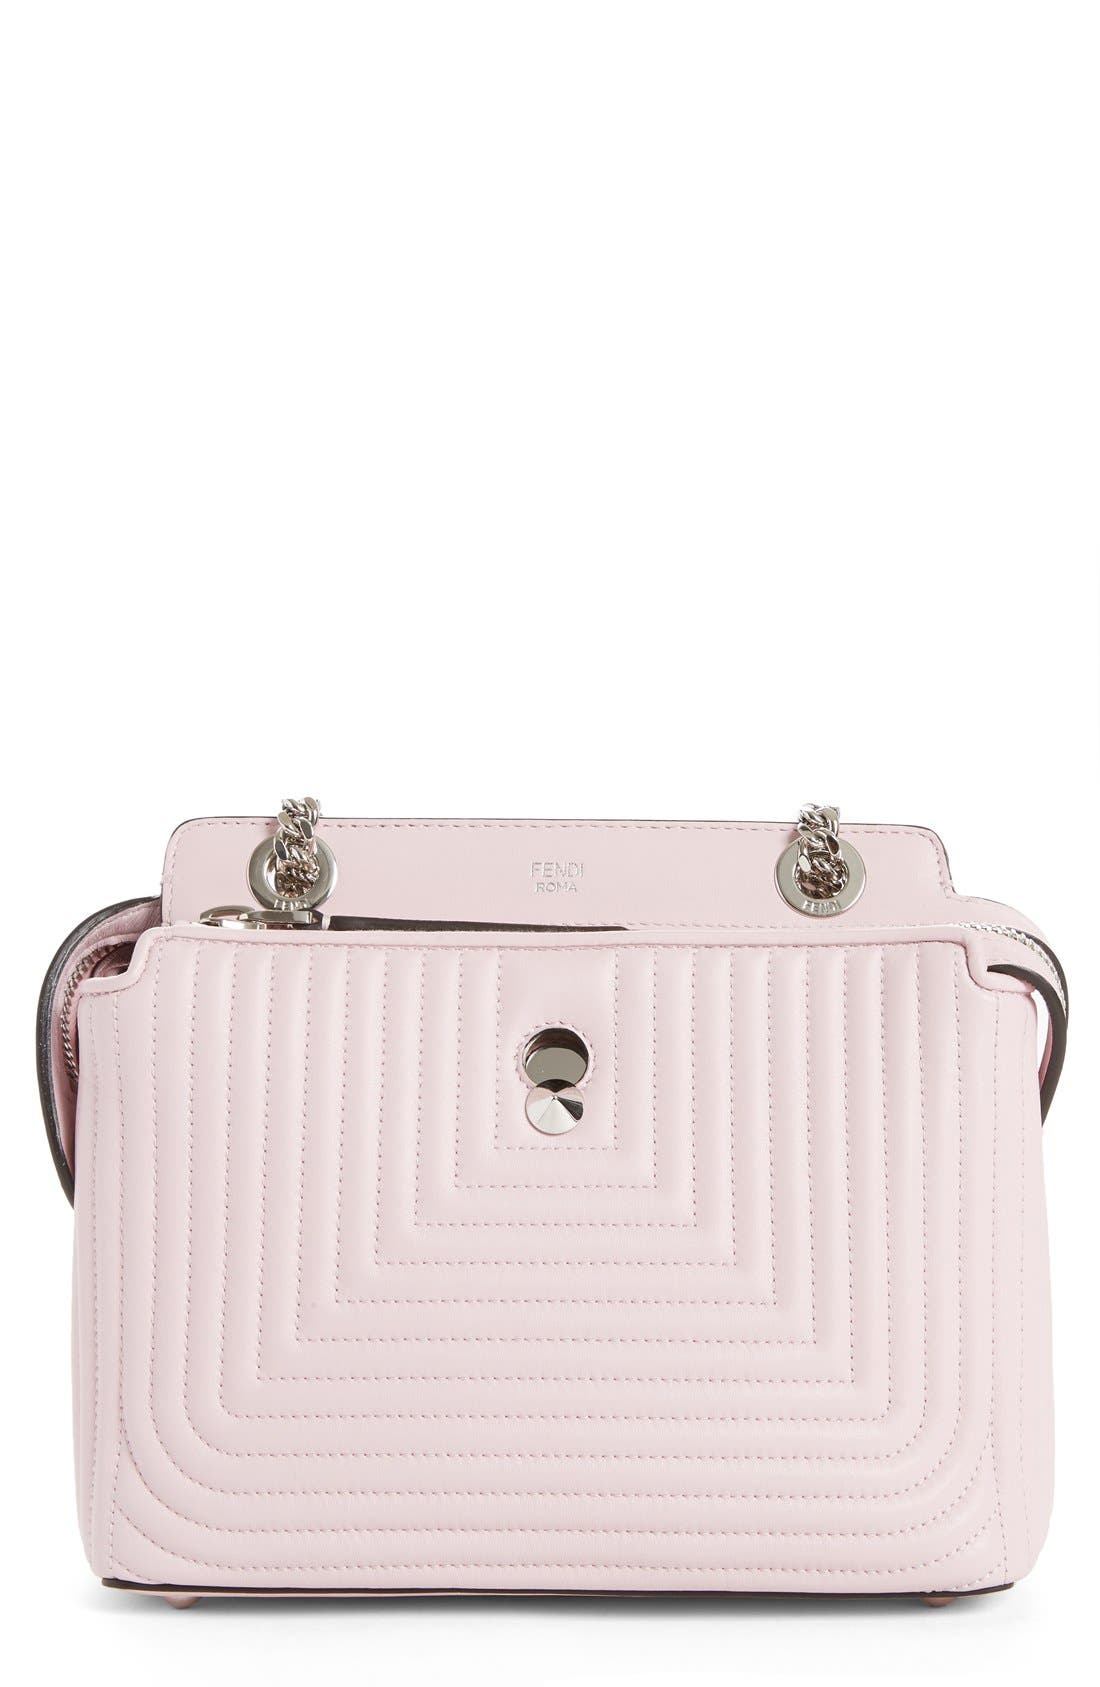 FENDI DOTCOM Click Quilted Leather Shoulder Bag